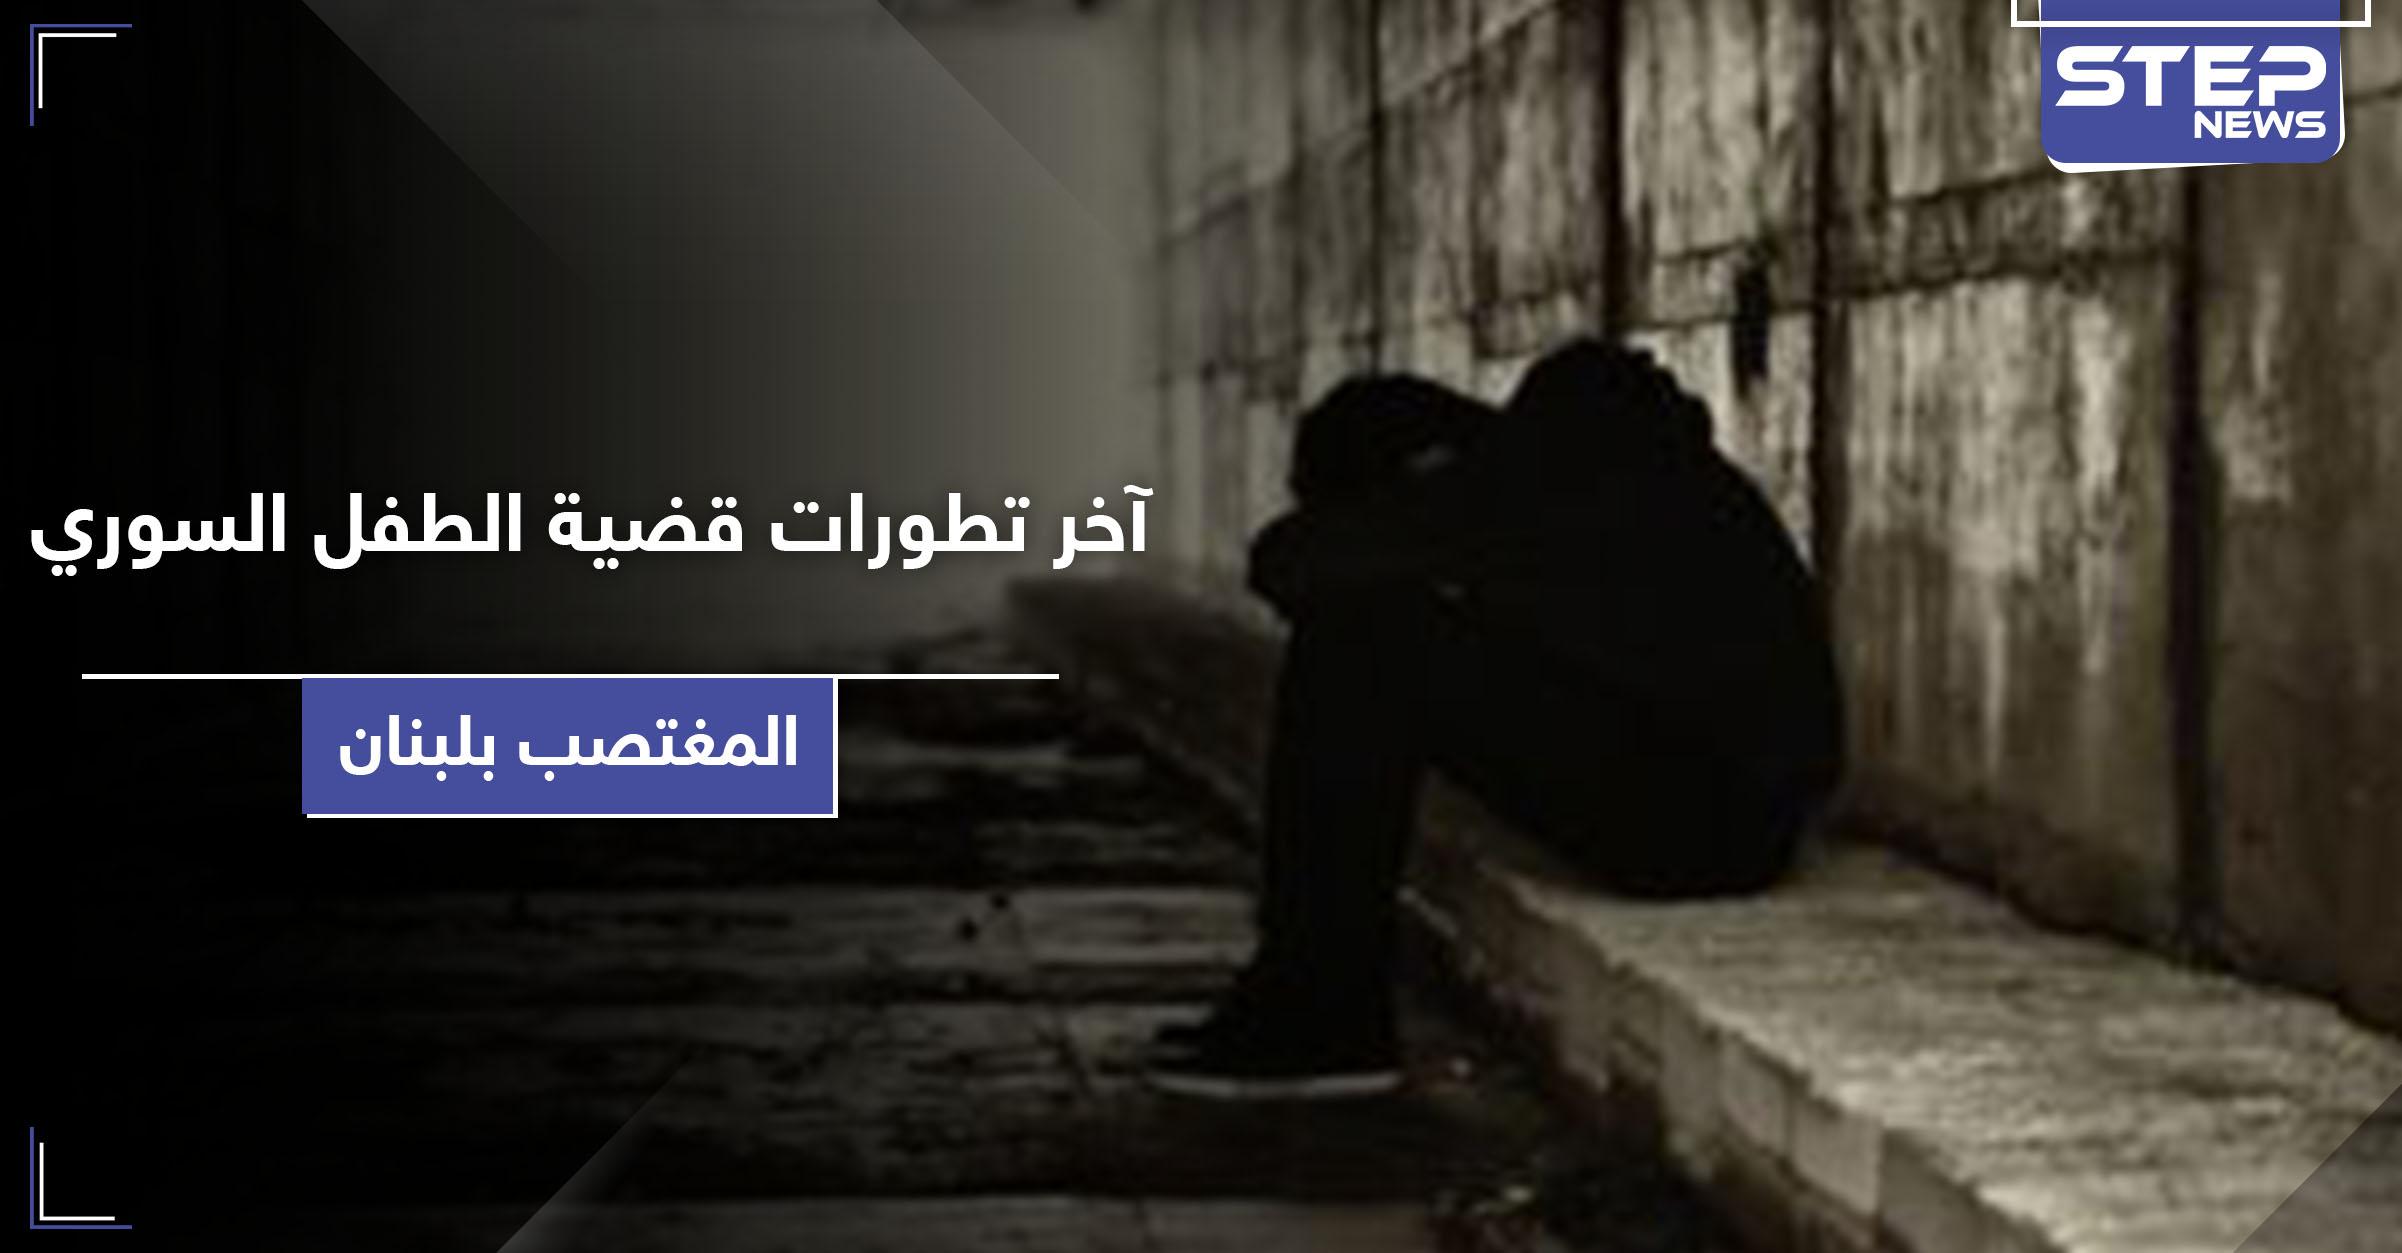 تطورات قضية الطفل السوري المغتصب بـ لبنان